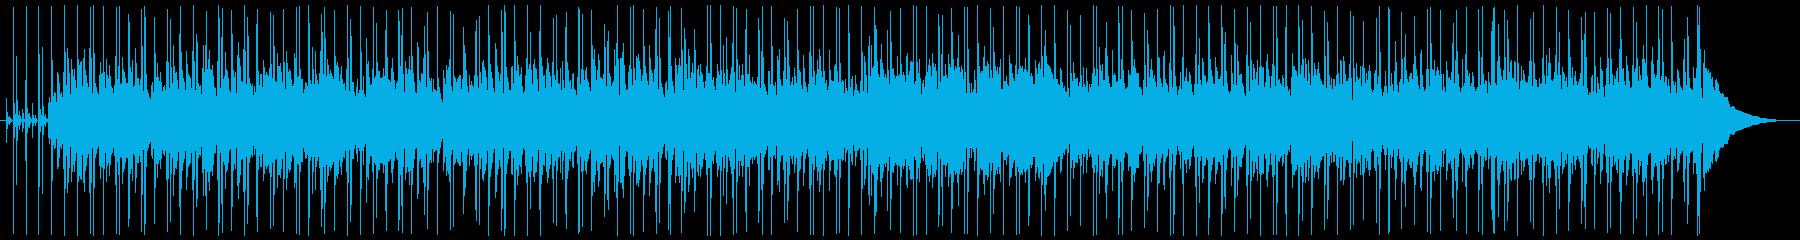 オールディーズ風なさわやかナンバーの再生済みの波形